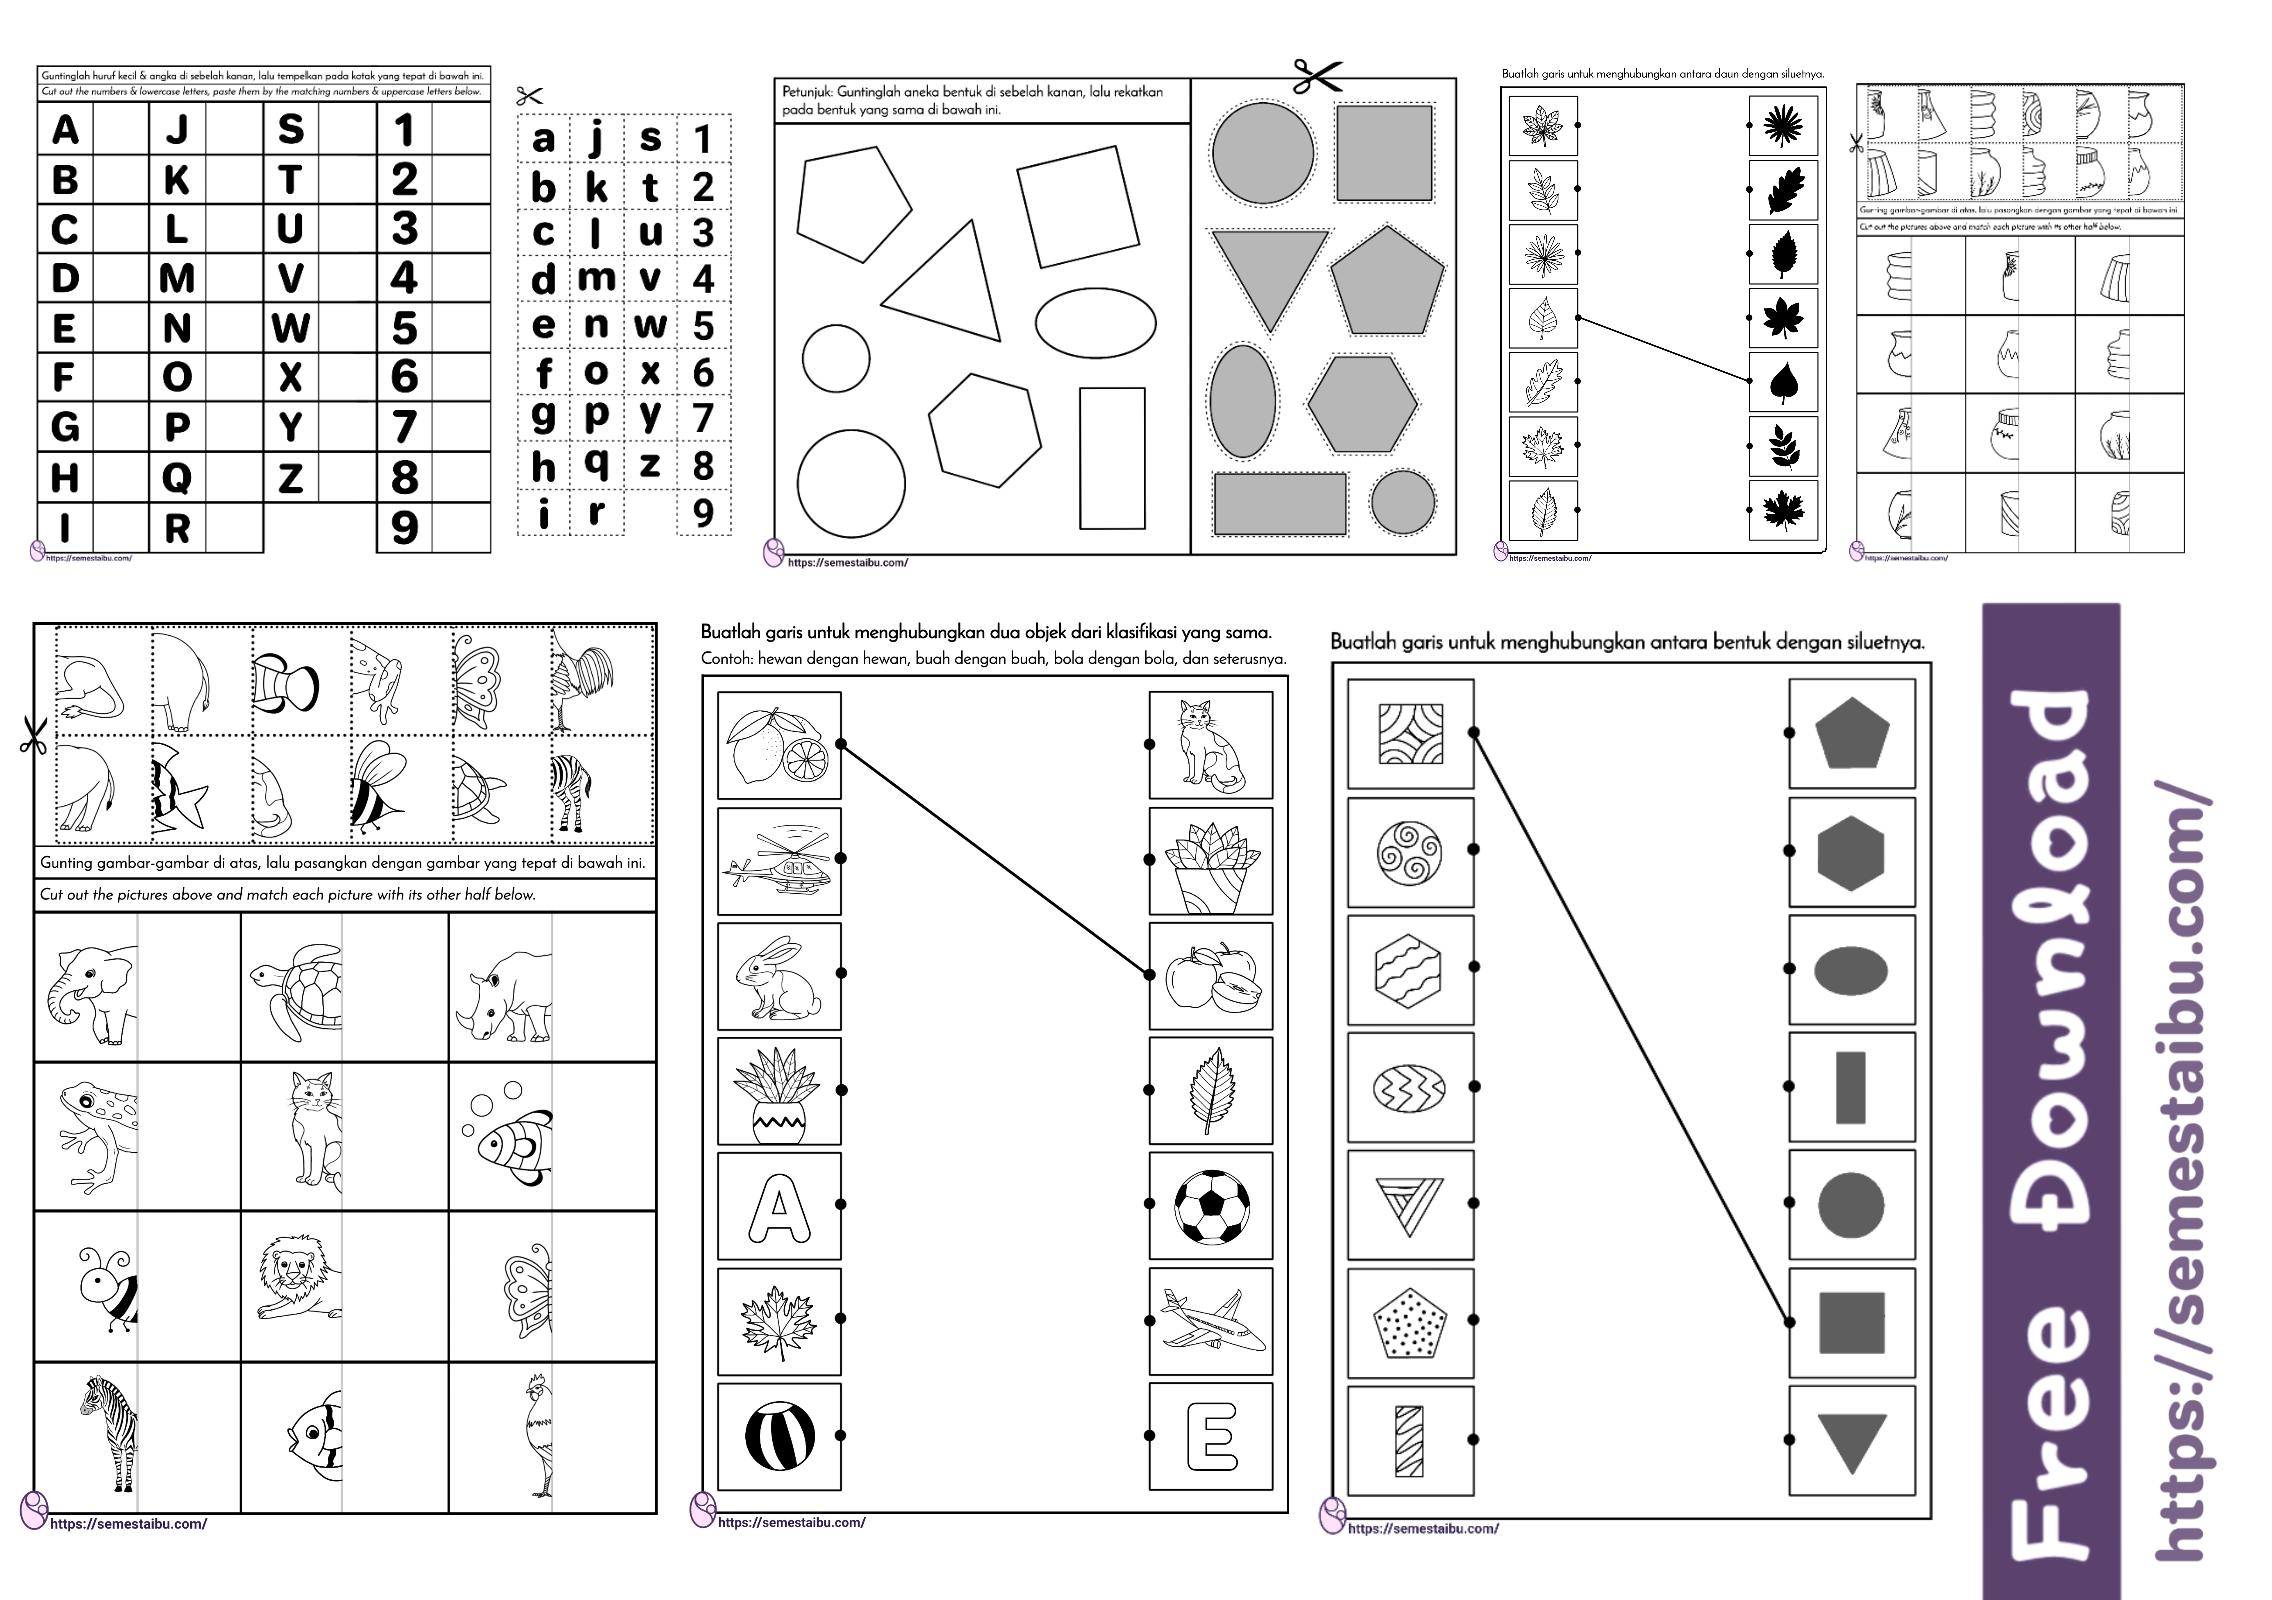 Lembar kerja anak - mencocokkan gambar untui anak tk - persepsi visual